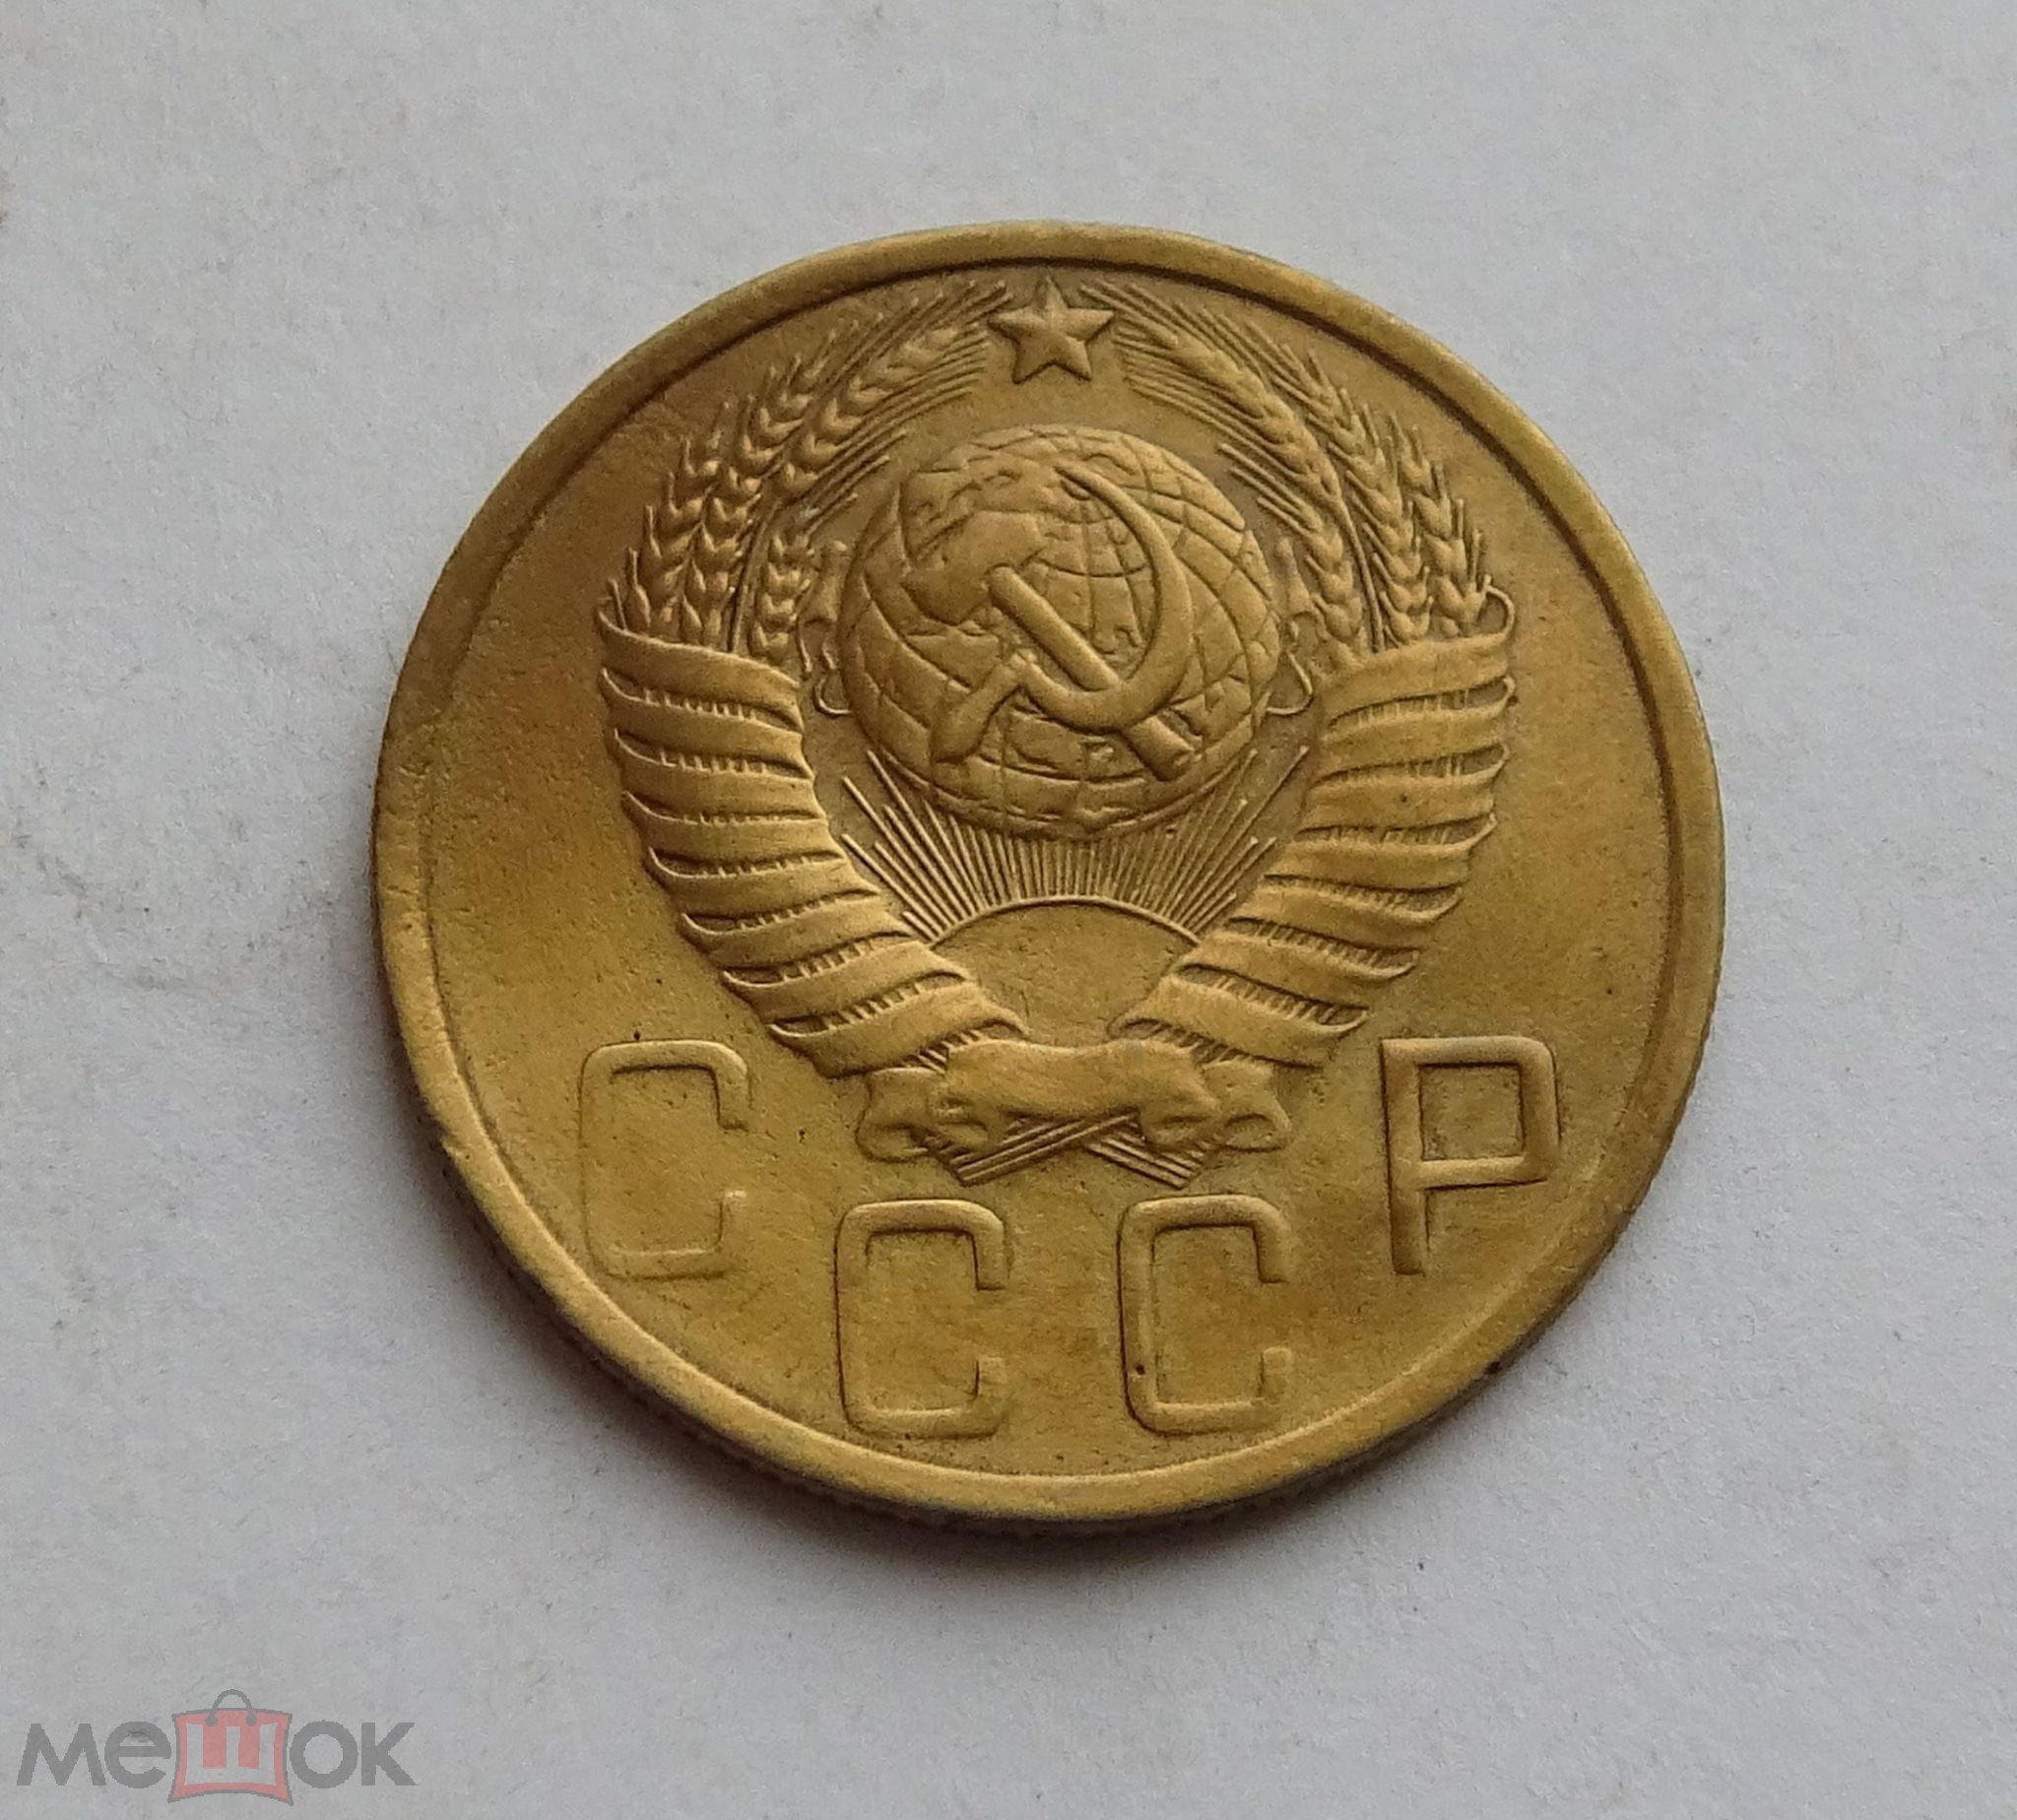 5 копеек 1949 ранние советы СССР редкая монета. ОРИГИНАЛ